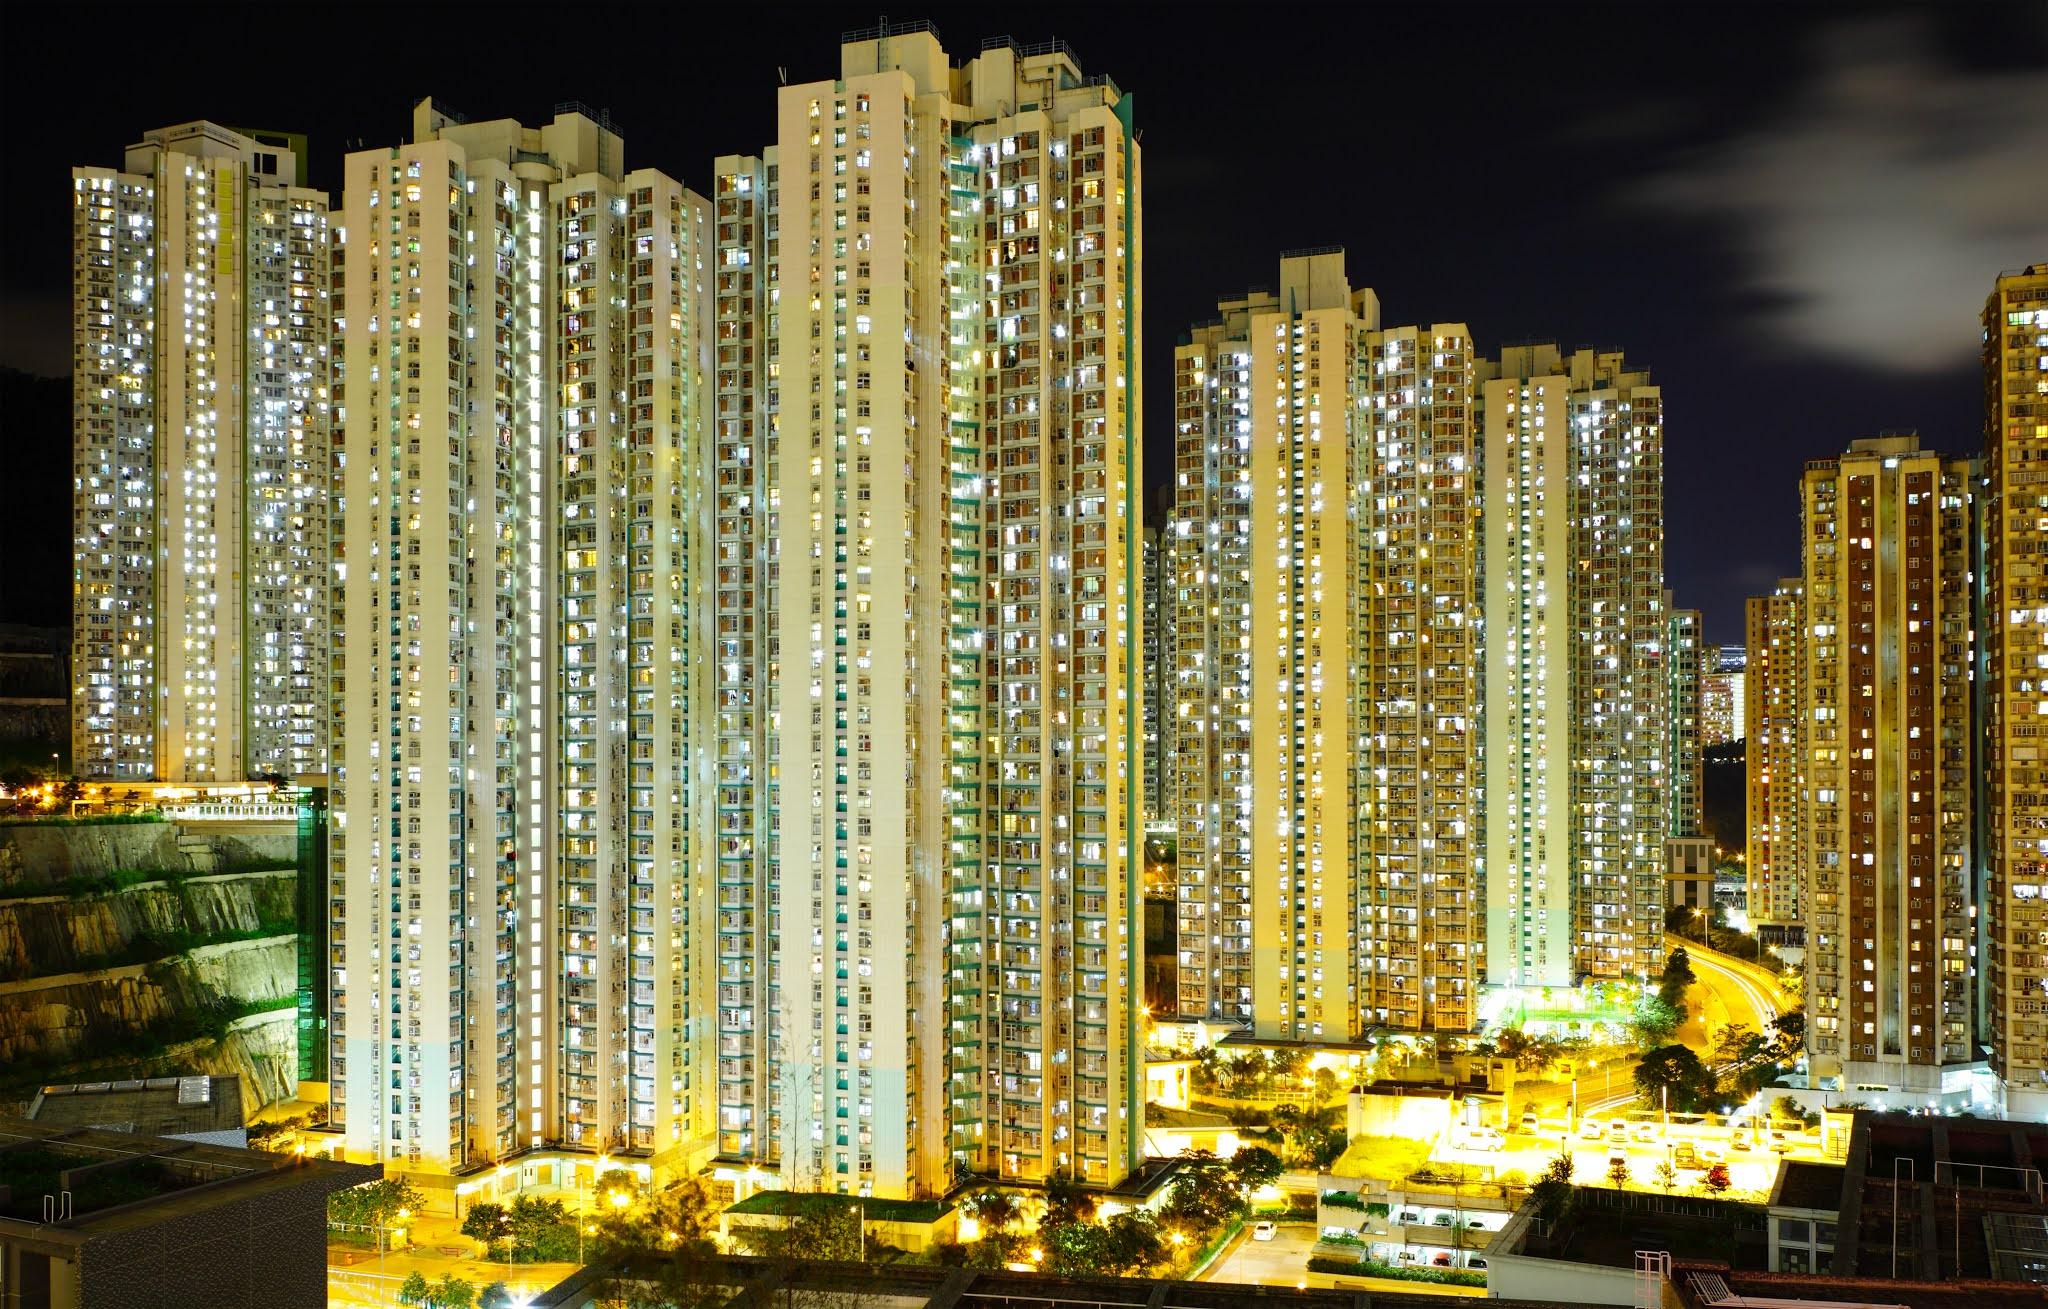 سوق العقارات السكنية يشهد انتعاشاً ملحوظاً خلال الفترة القادمة